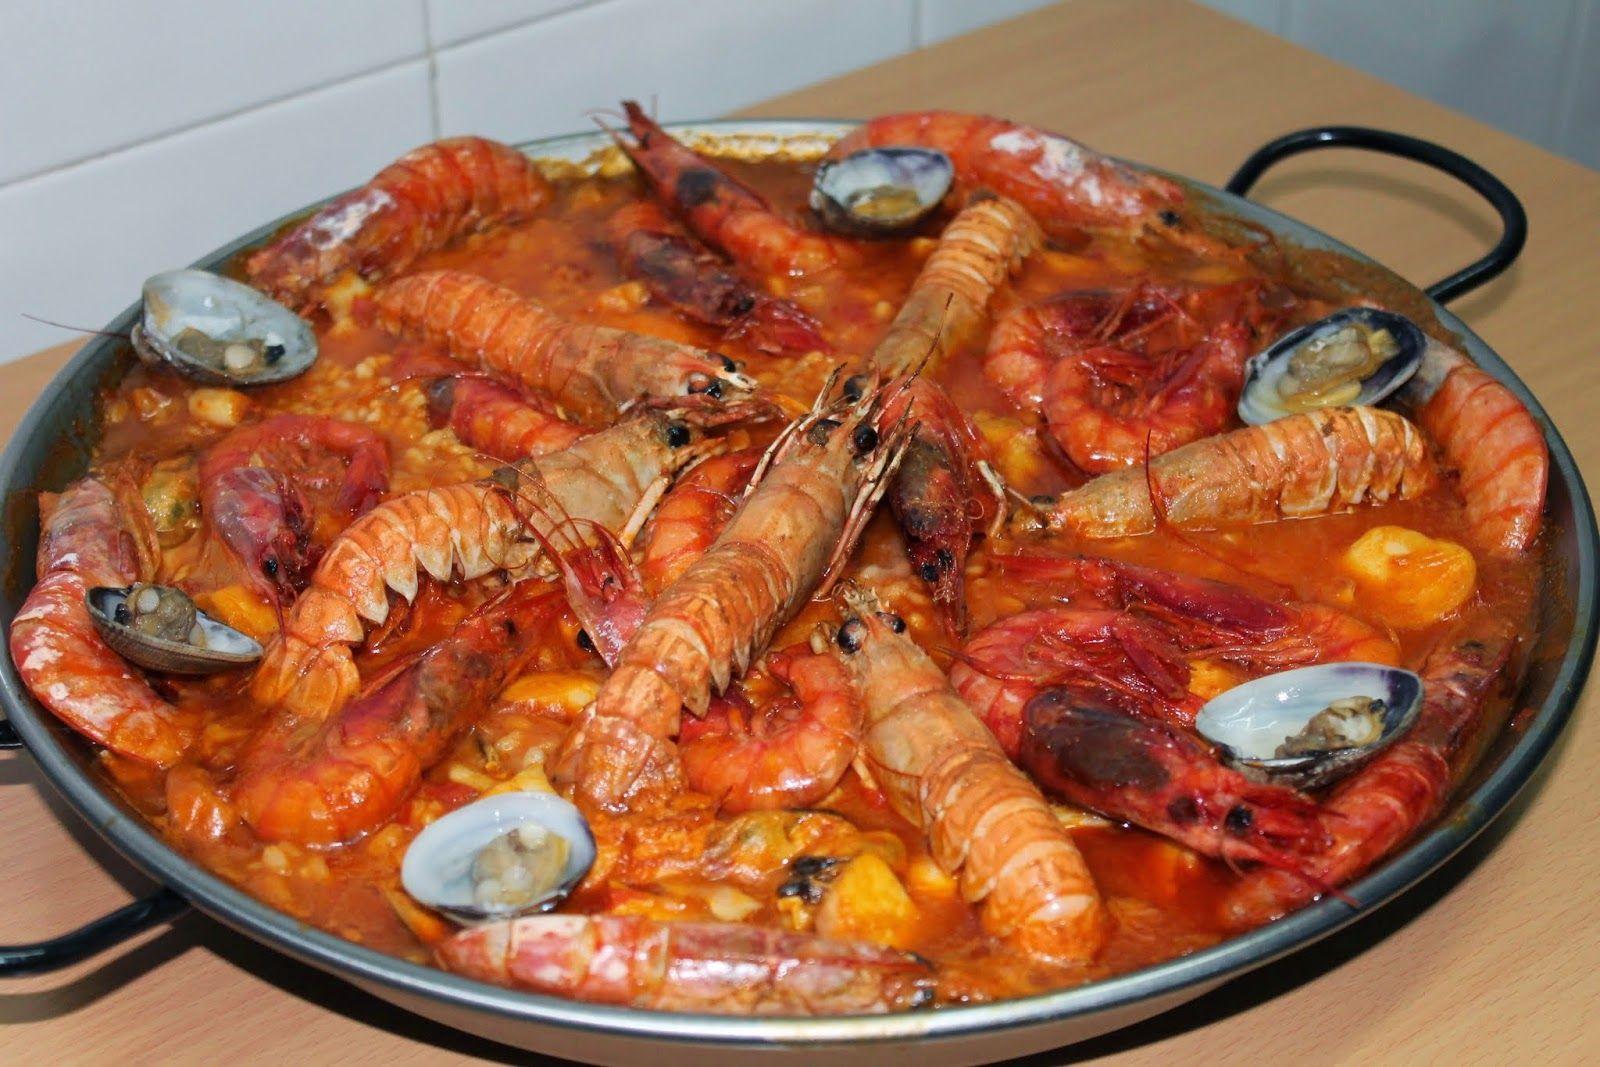 Las Recetas De Maria Paella De Mariscos Al Horno Paella De Mariscos Receta De Paella De Mariscos Ingredientes Para Paella